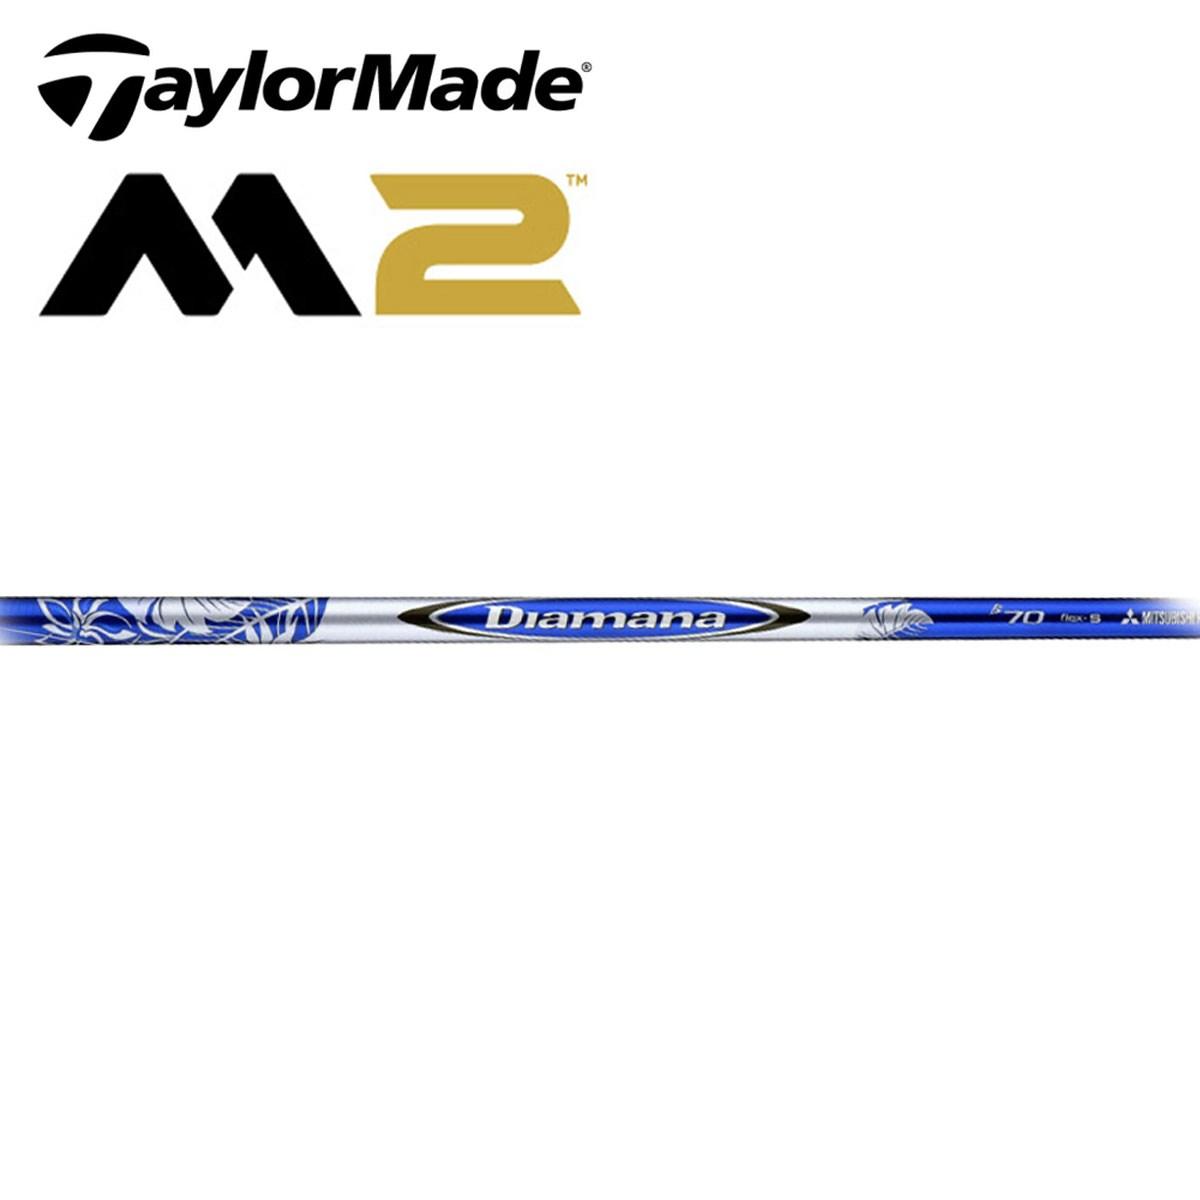 三菱レイヨン Diamana B シリーズ M2 ドライバーロフト10.5度用スリーブ付きシャフト 2016年モデル【テーラーメイド専用】